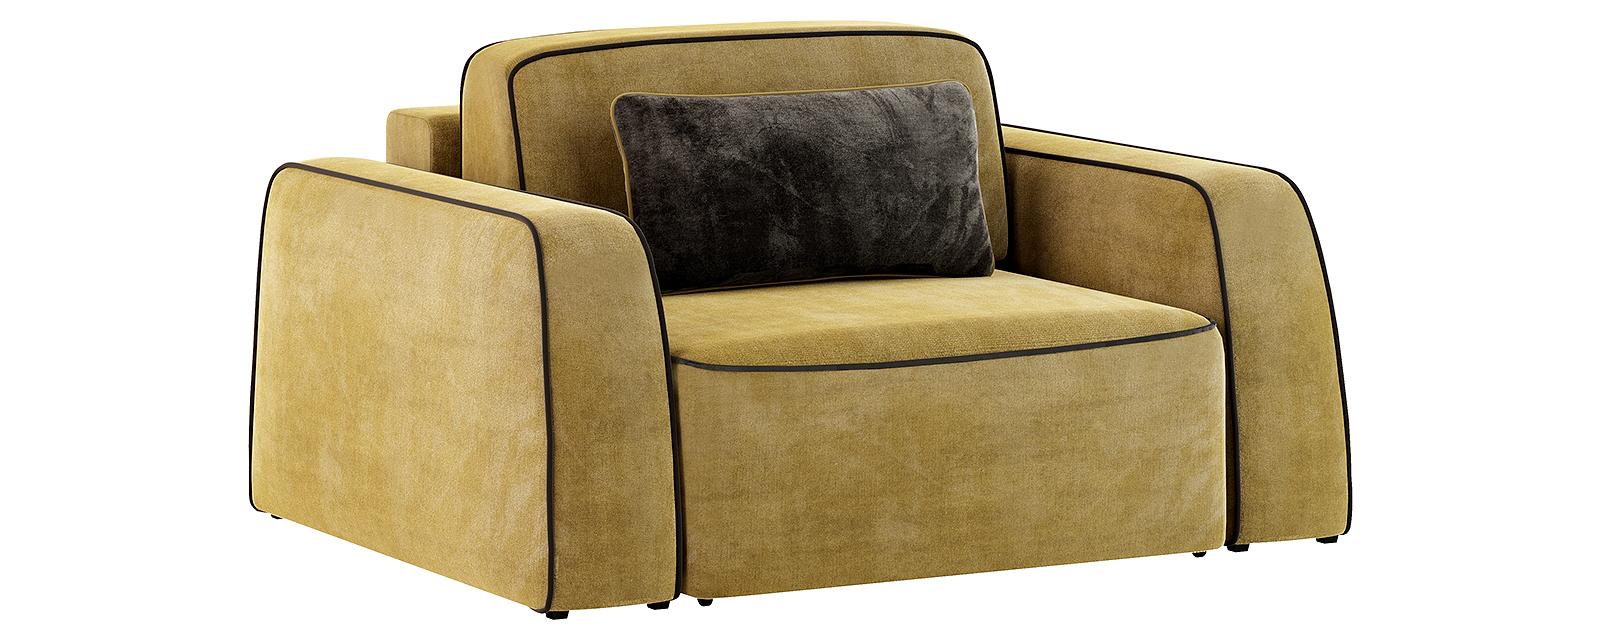 Кресло тканевое Портленд 100 см Velure оливковый/тёмно-коричневый (Велюр)